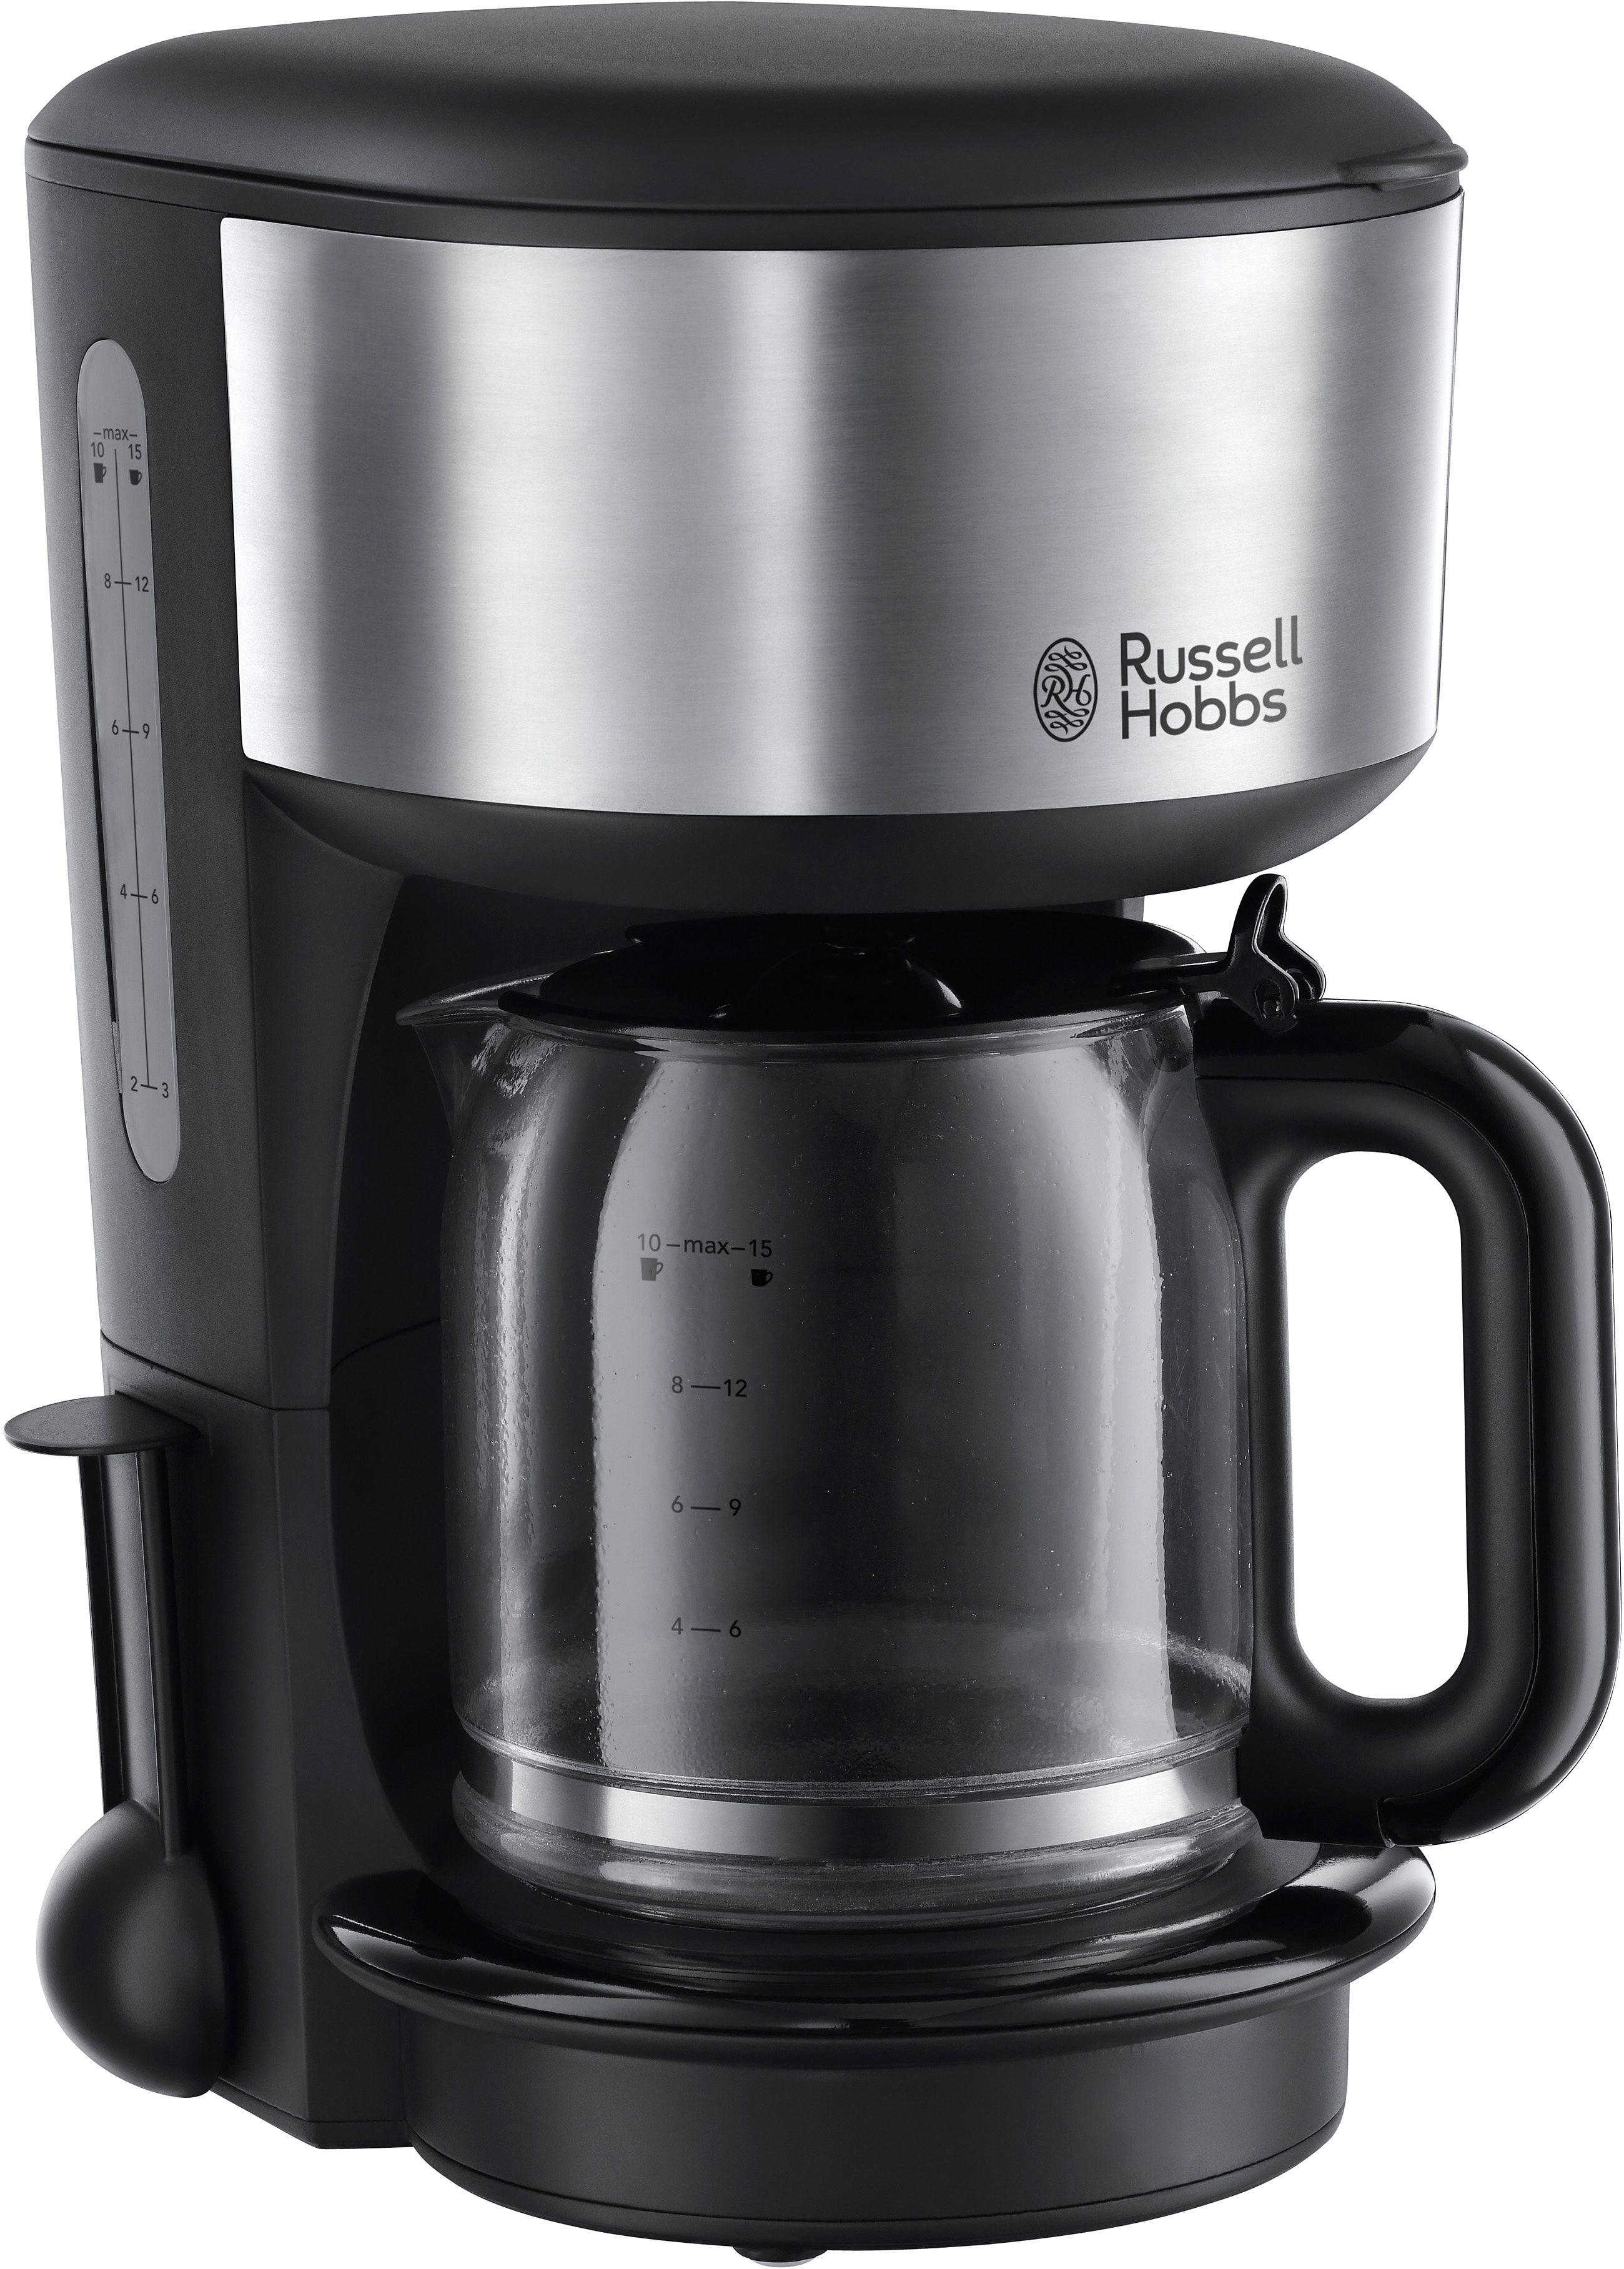 Russell Hobbs Glas-Kaffeemaschine »Oxford« 20130-56, schwarz/silber